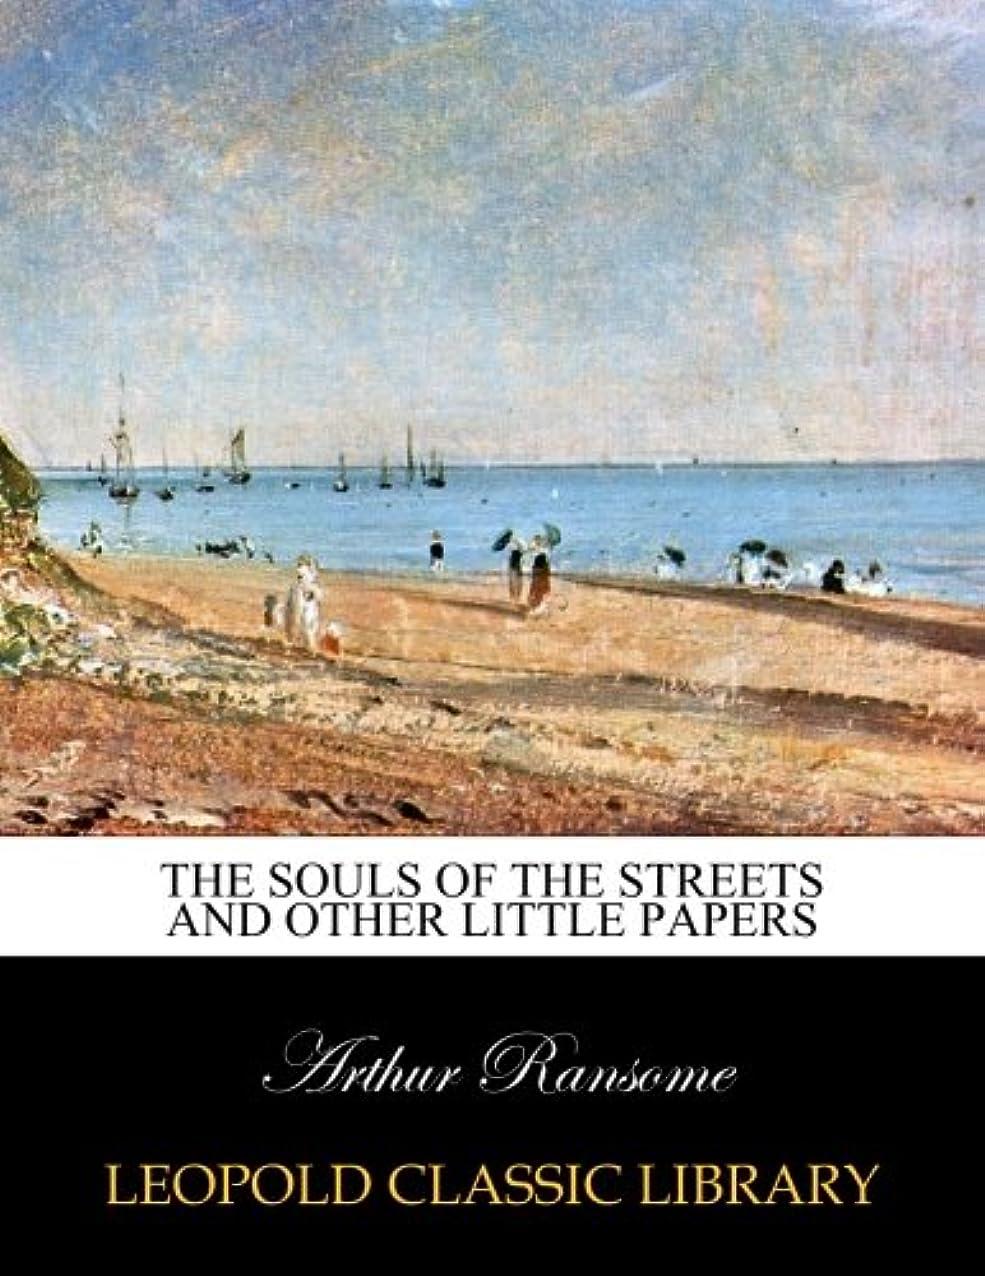 囲い気配りのあるキリストThe souls of the streets and other little papers